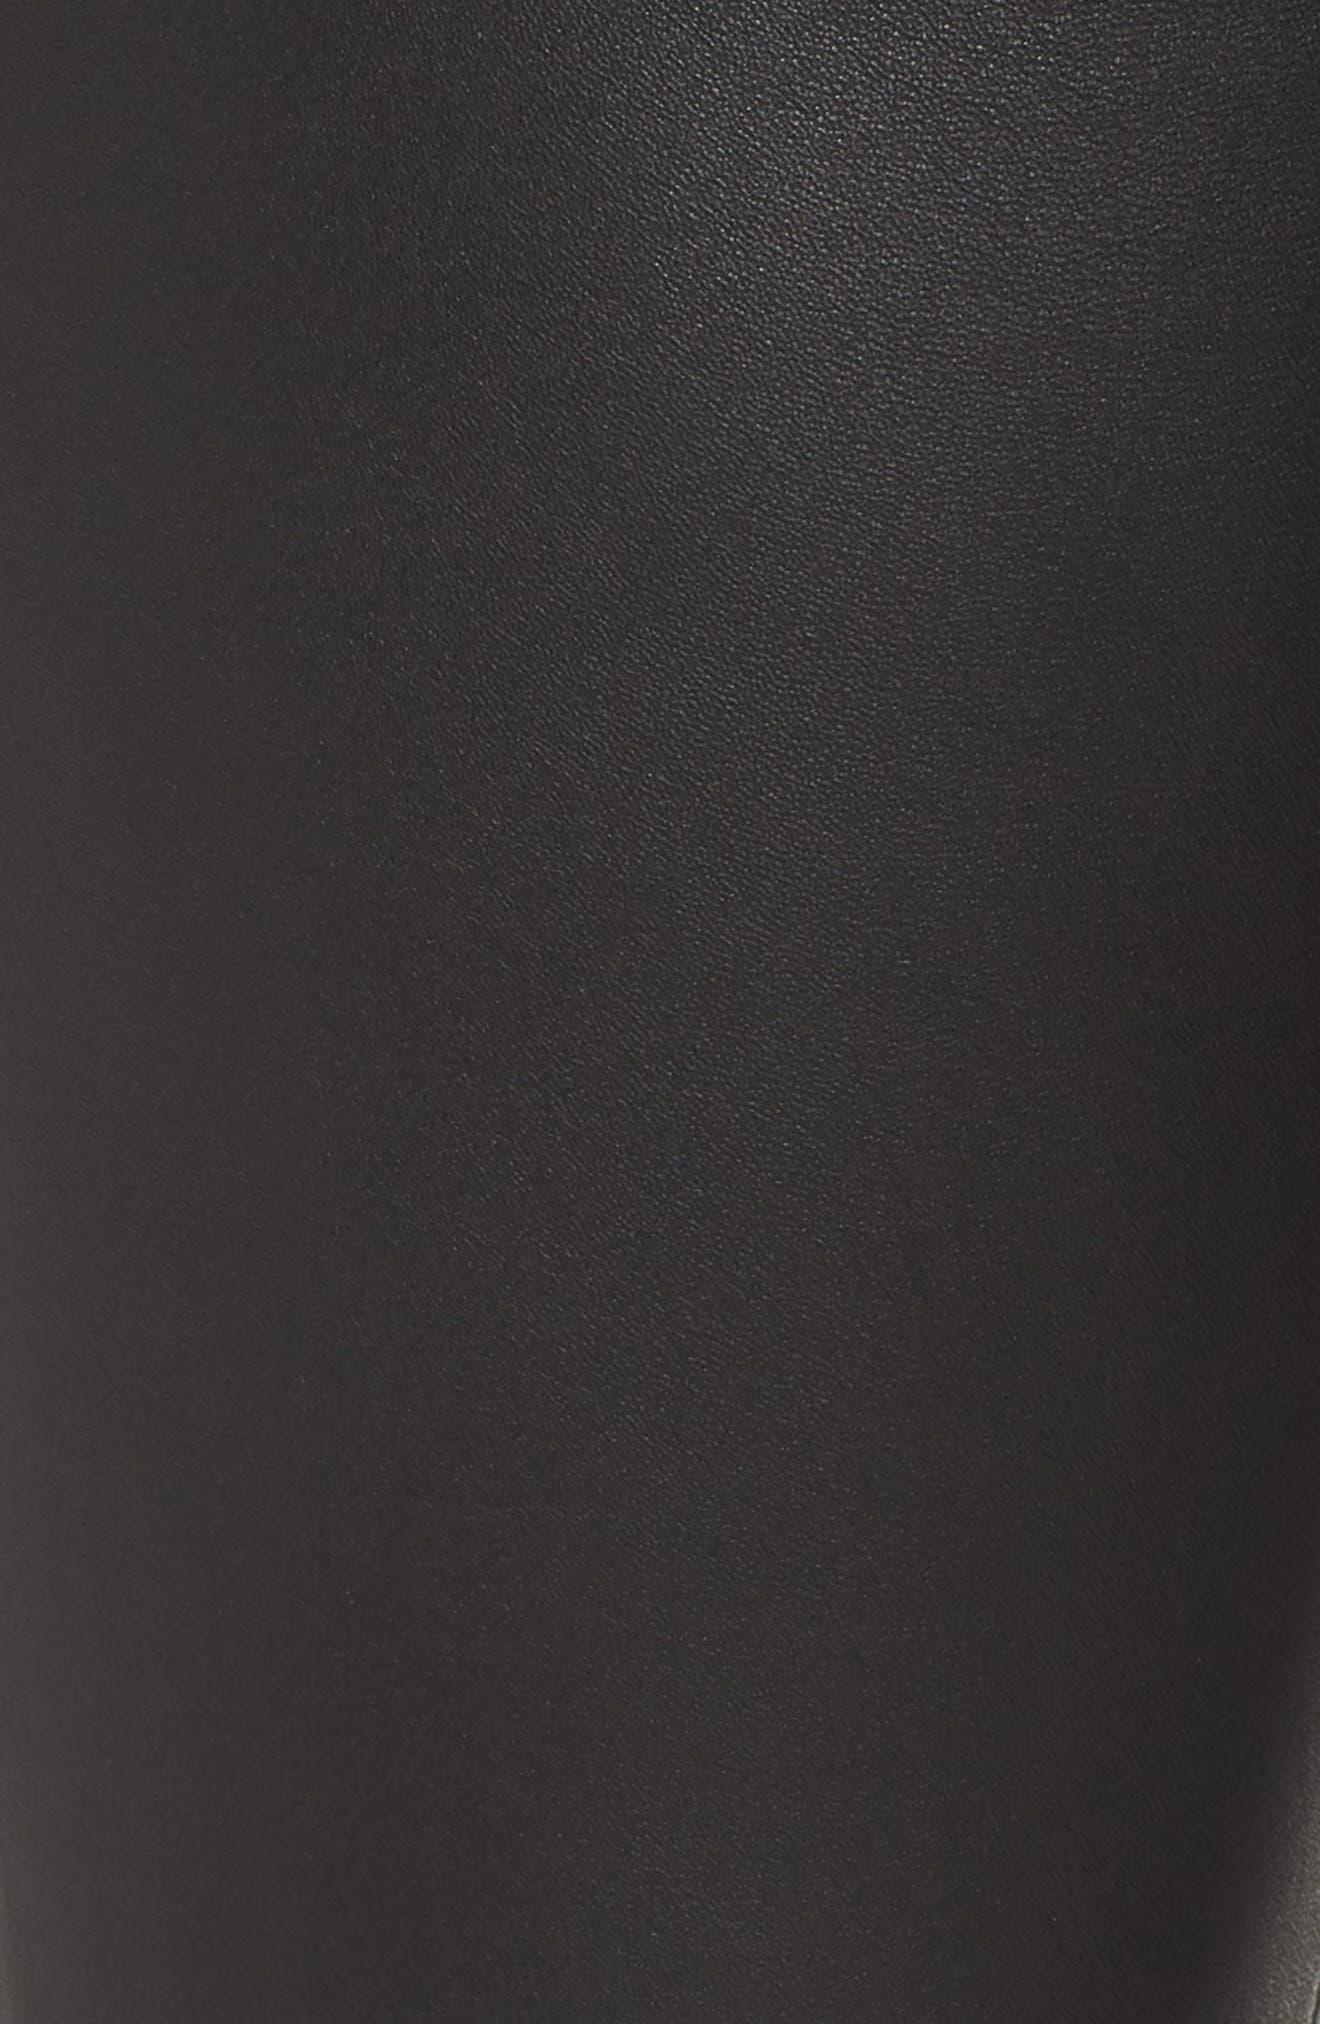 Eboli Leather Pants,                             Alternate thumbnail 6, color,                             Black